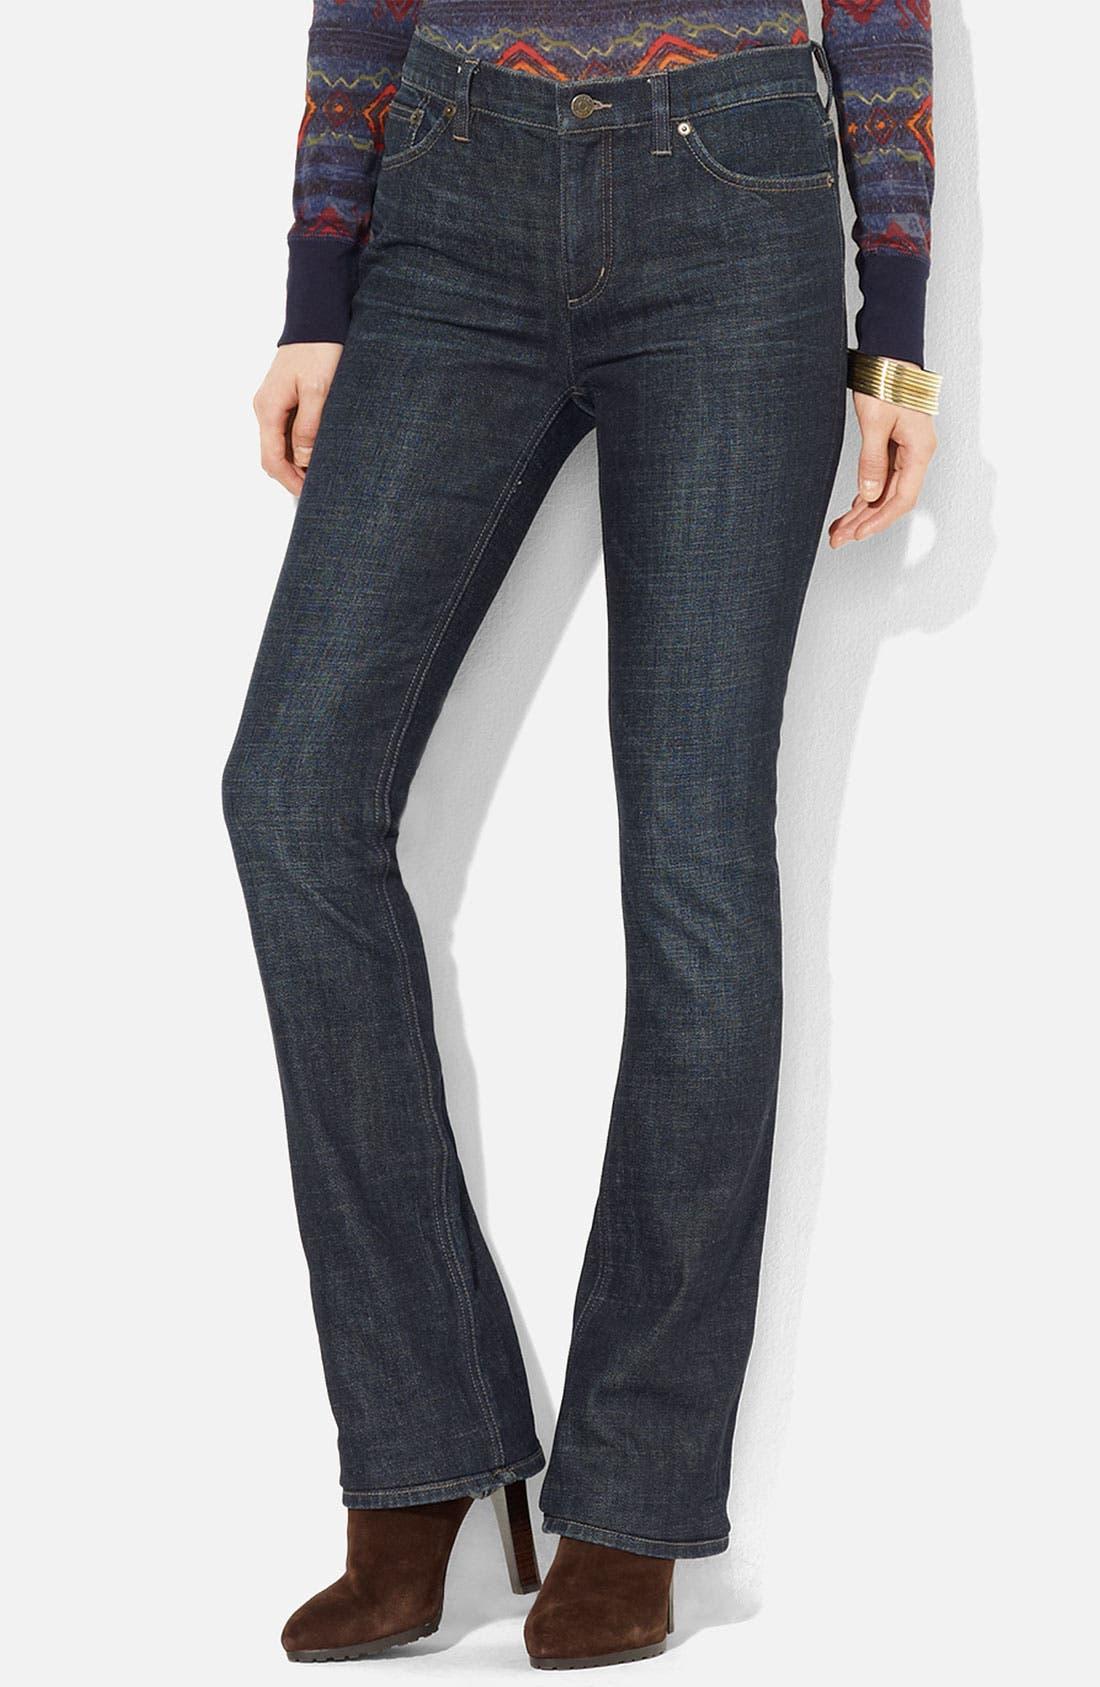 Main Image - Lauren Ralph Lauren Slimming Bootcut Jeans (Petite) (Online Exclusive)